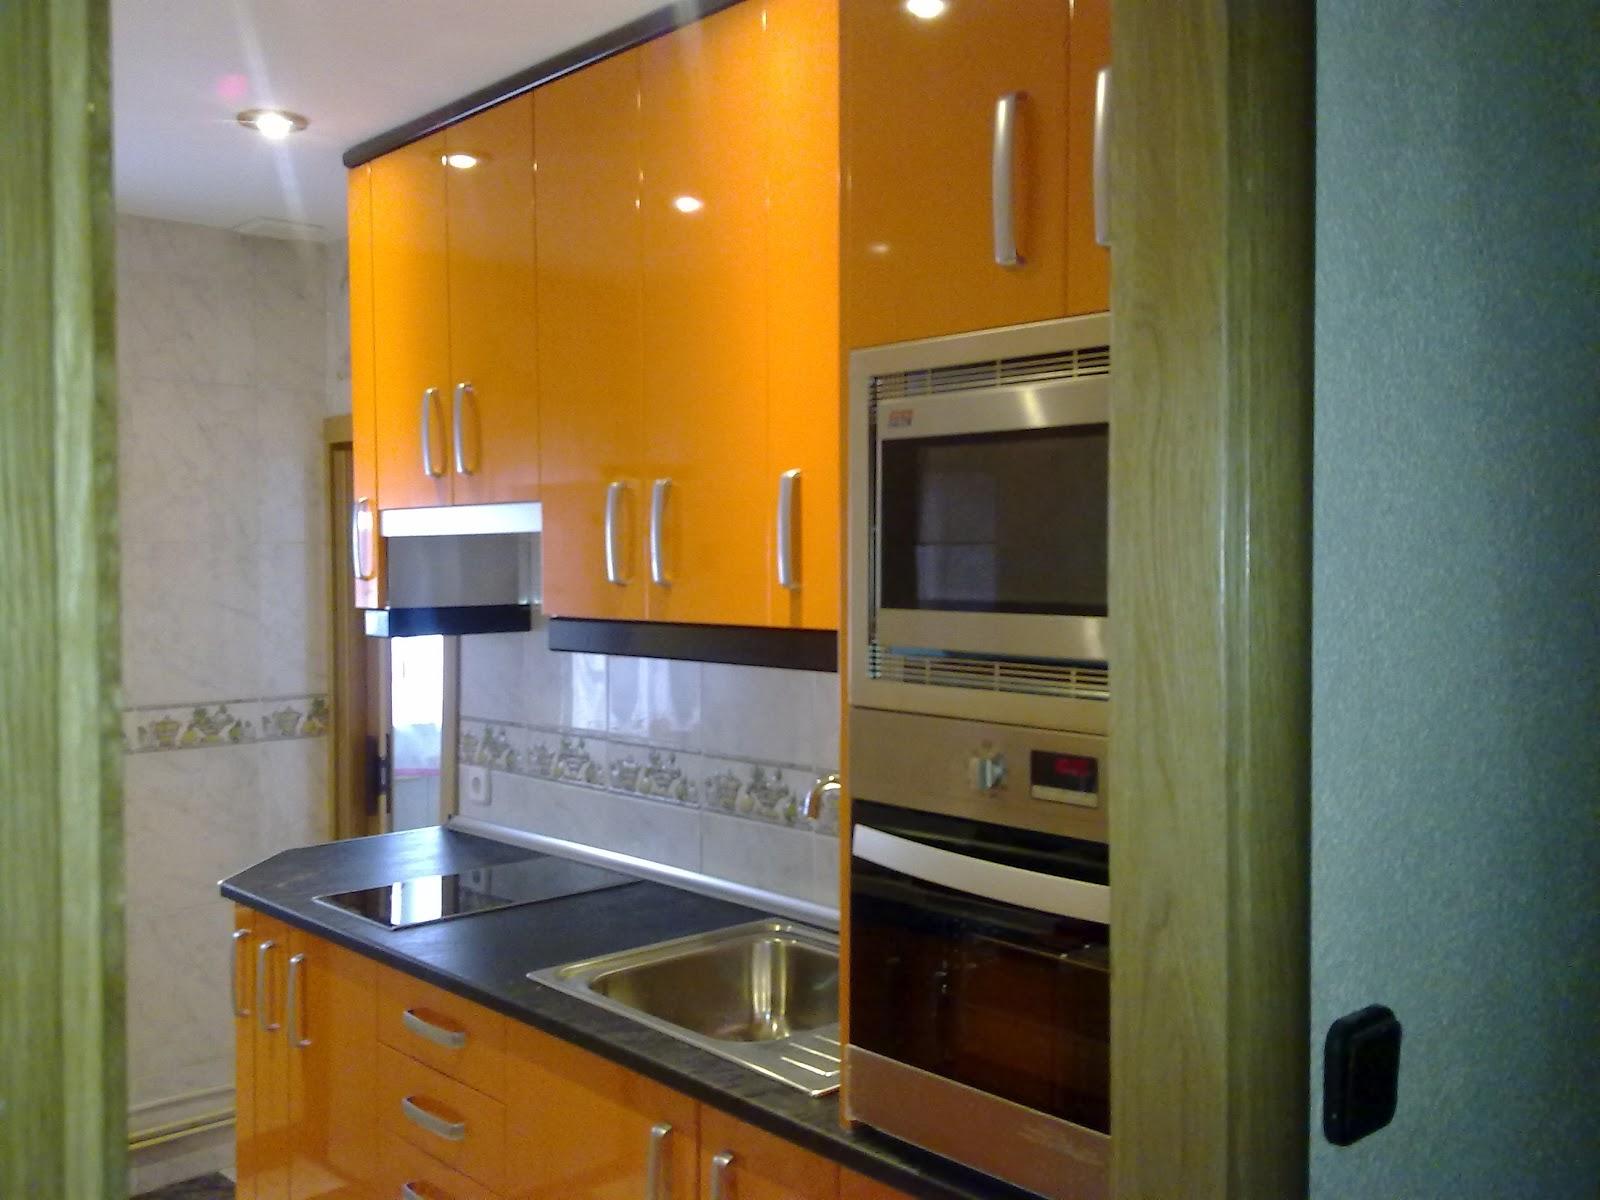 Laminado alto brillo naranja remates y encimera negra - Remates de cocinas ...